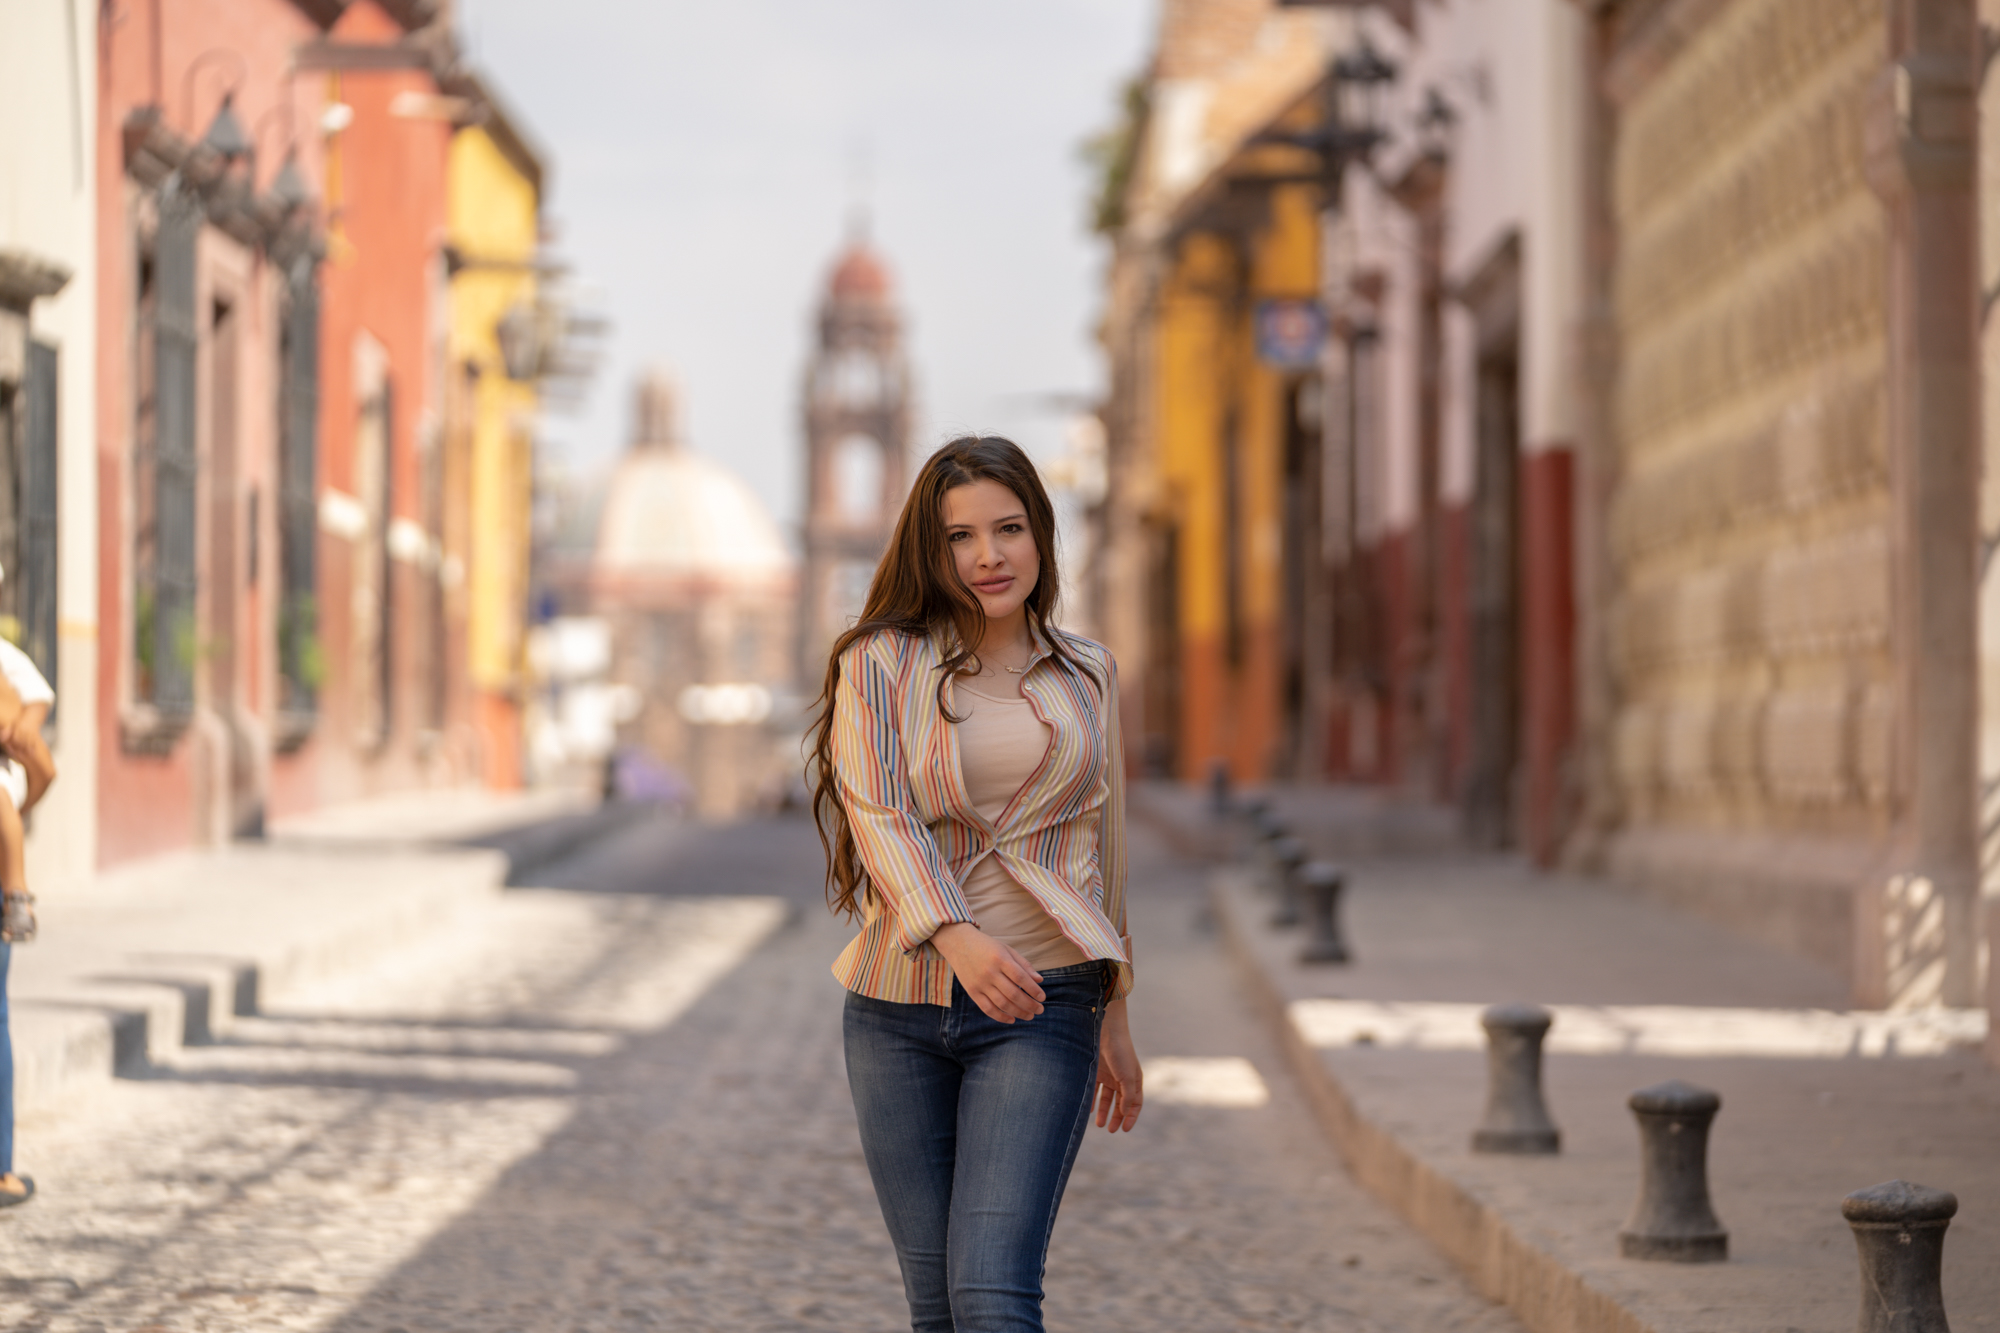 Sesion de Fotos en San Miguel de Allende con Rogelio y su Fmailia-26.jpg